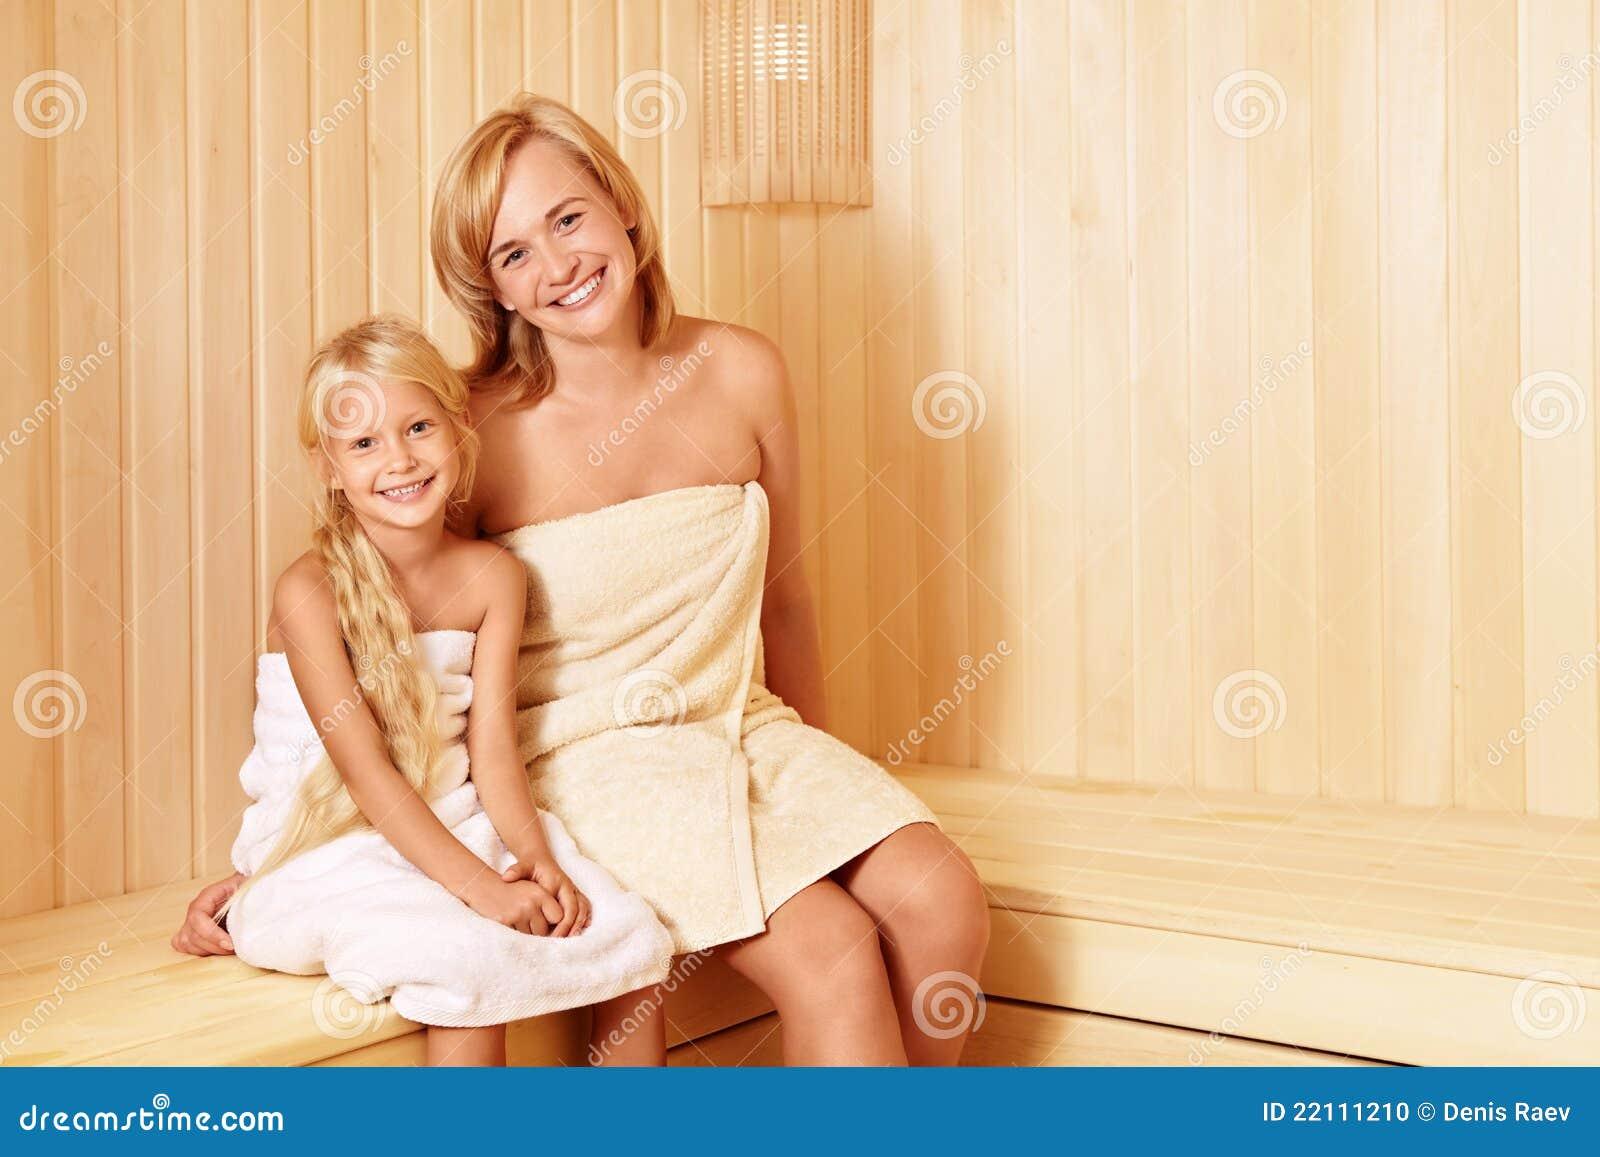 В бане мама и дочка